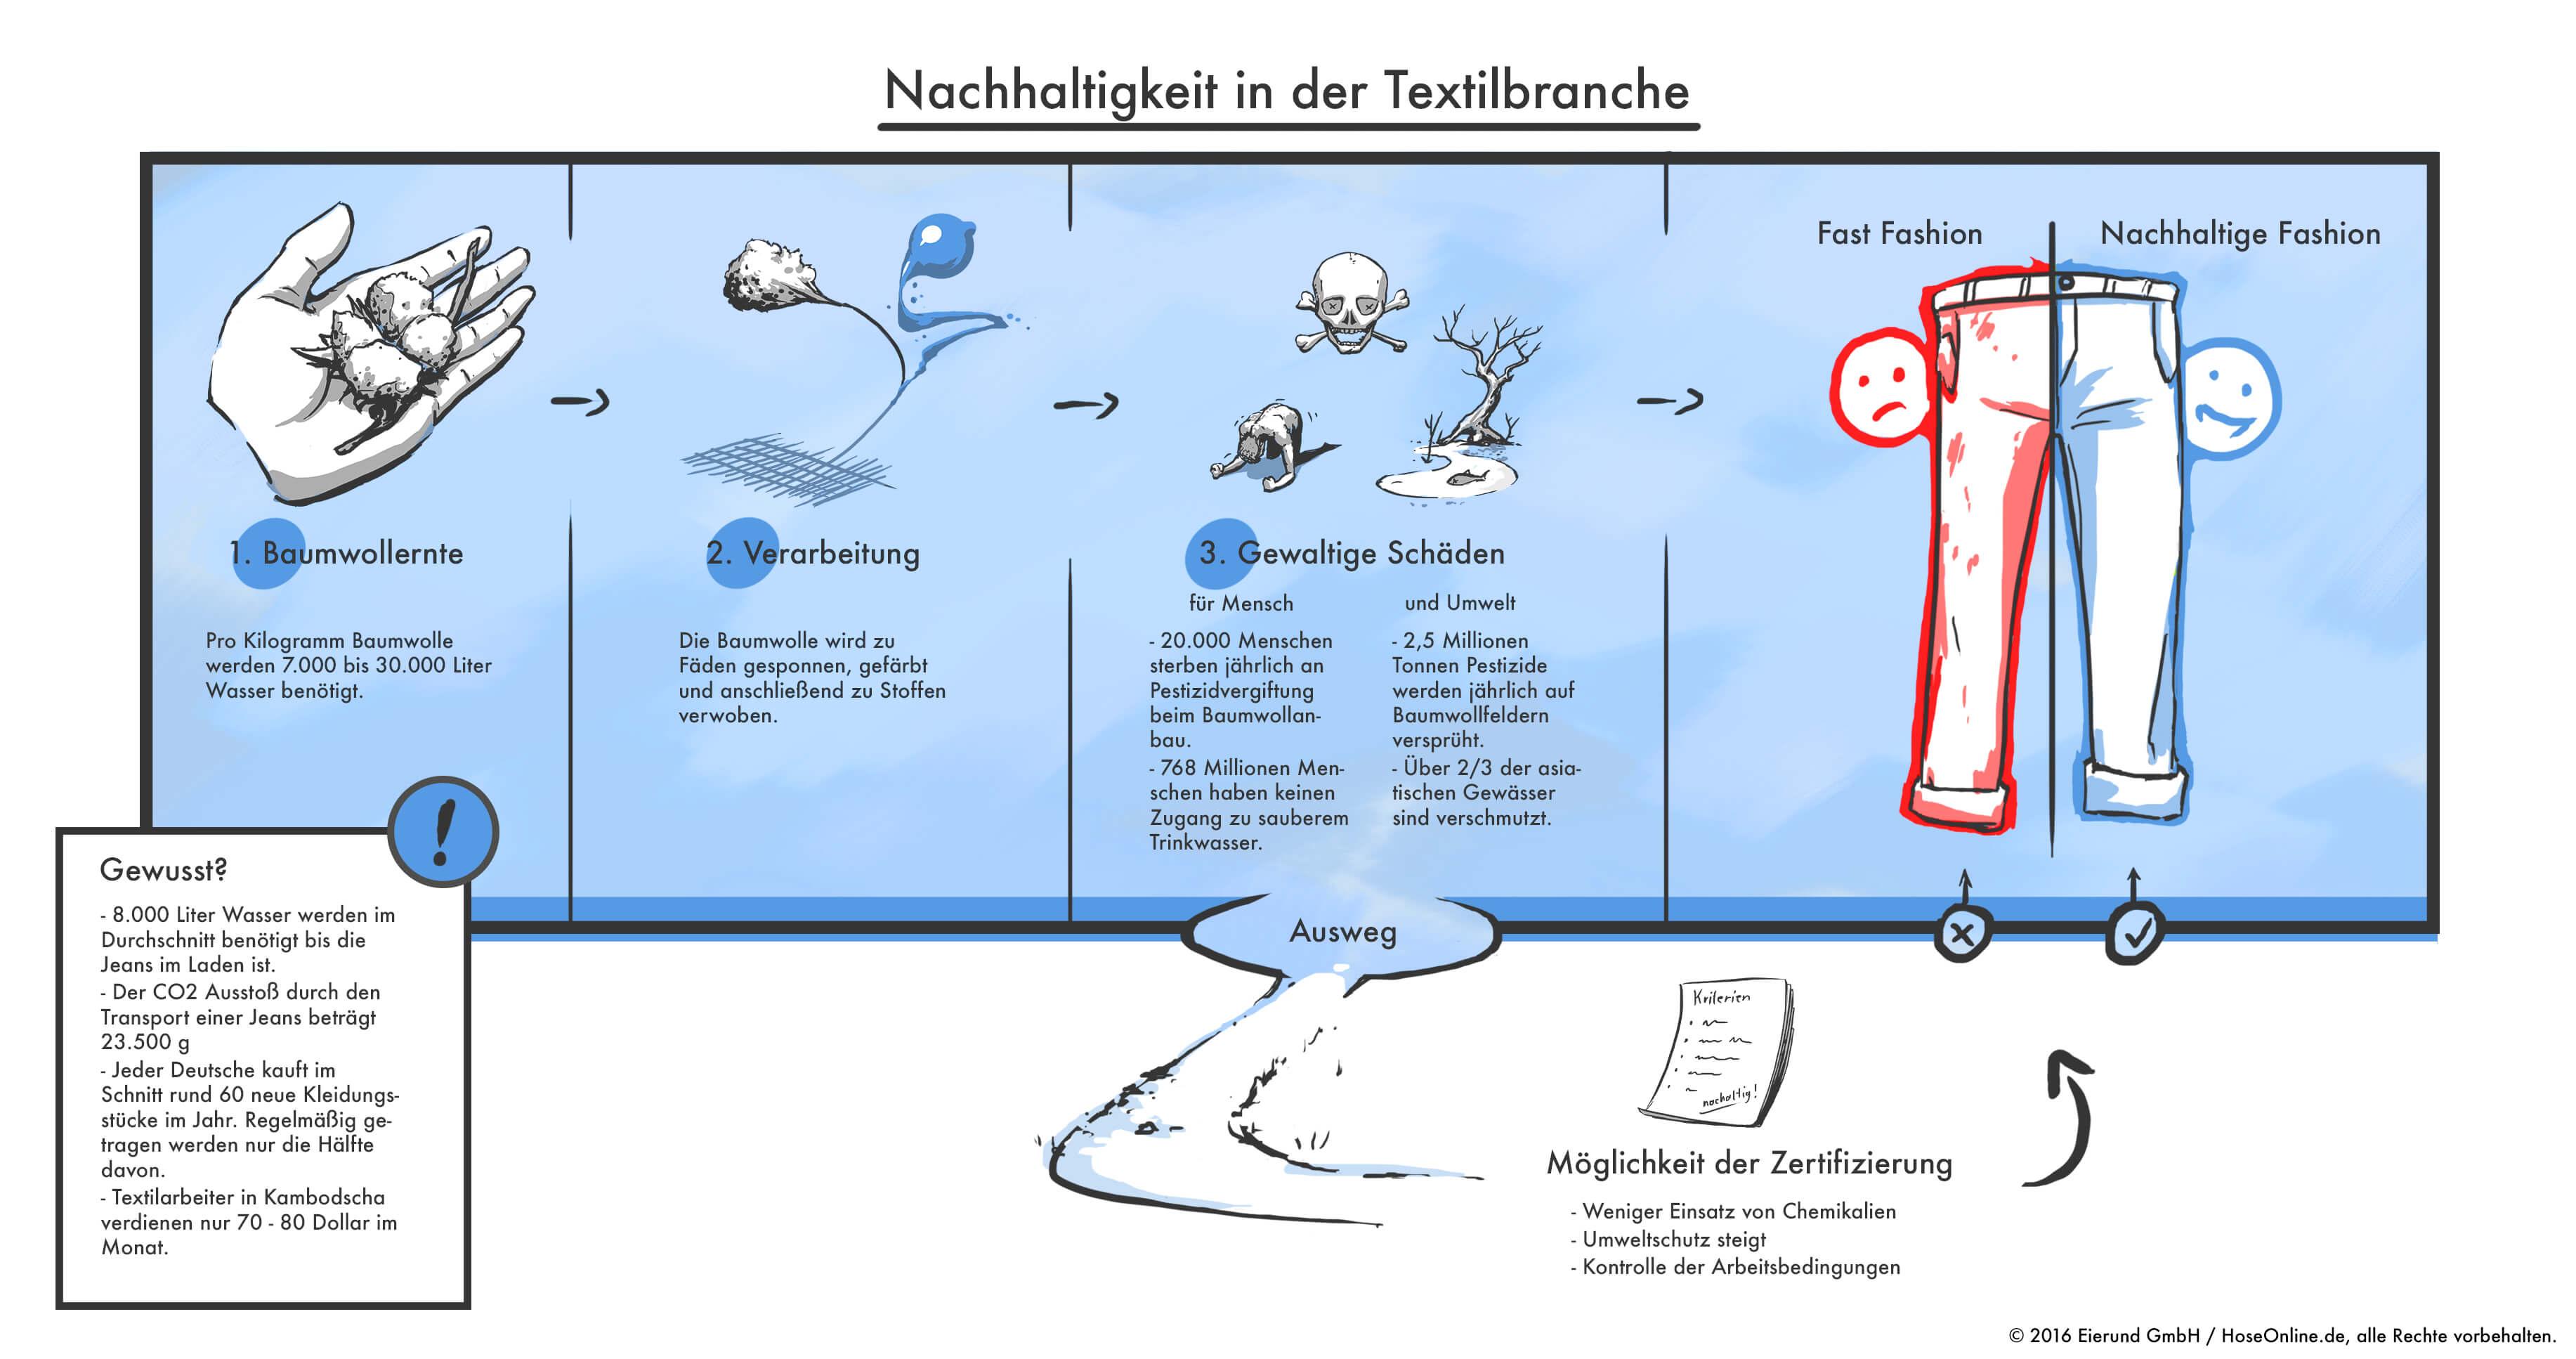 Infografik - Nachhaltigkeit in der Textilbranche